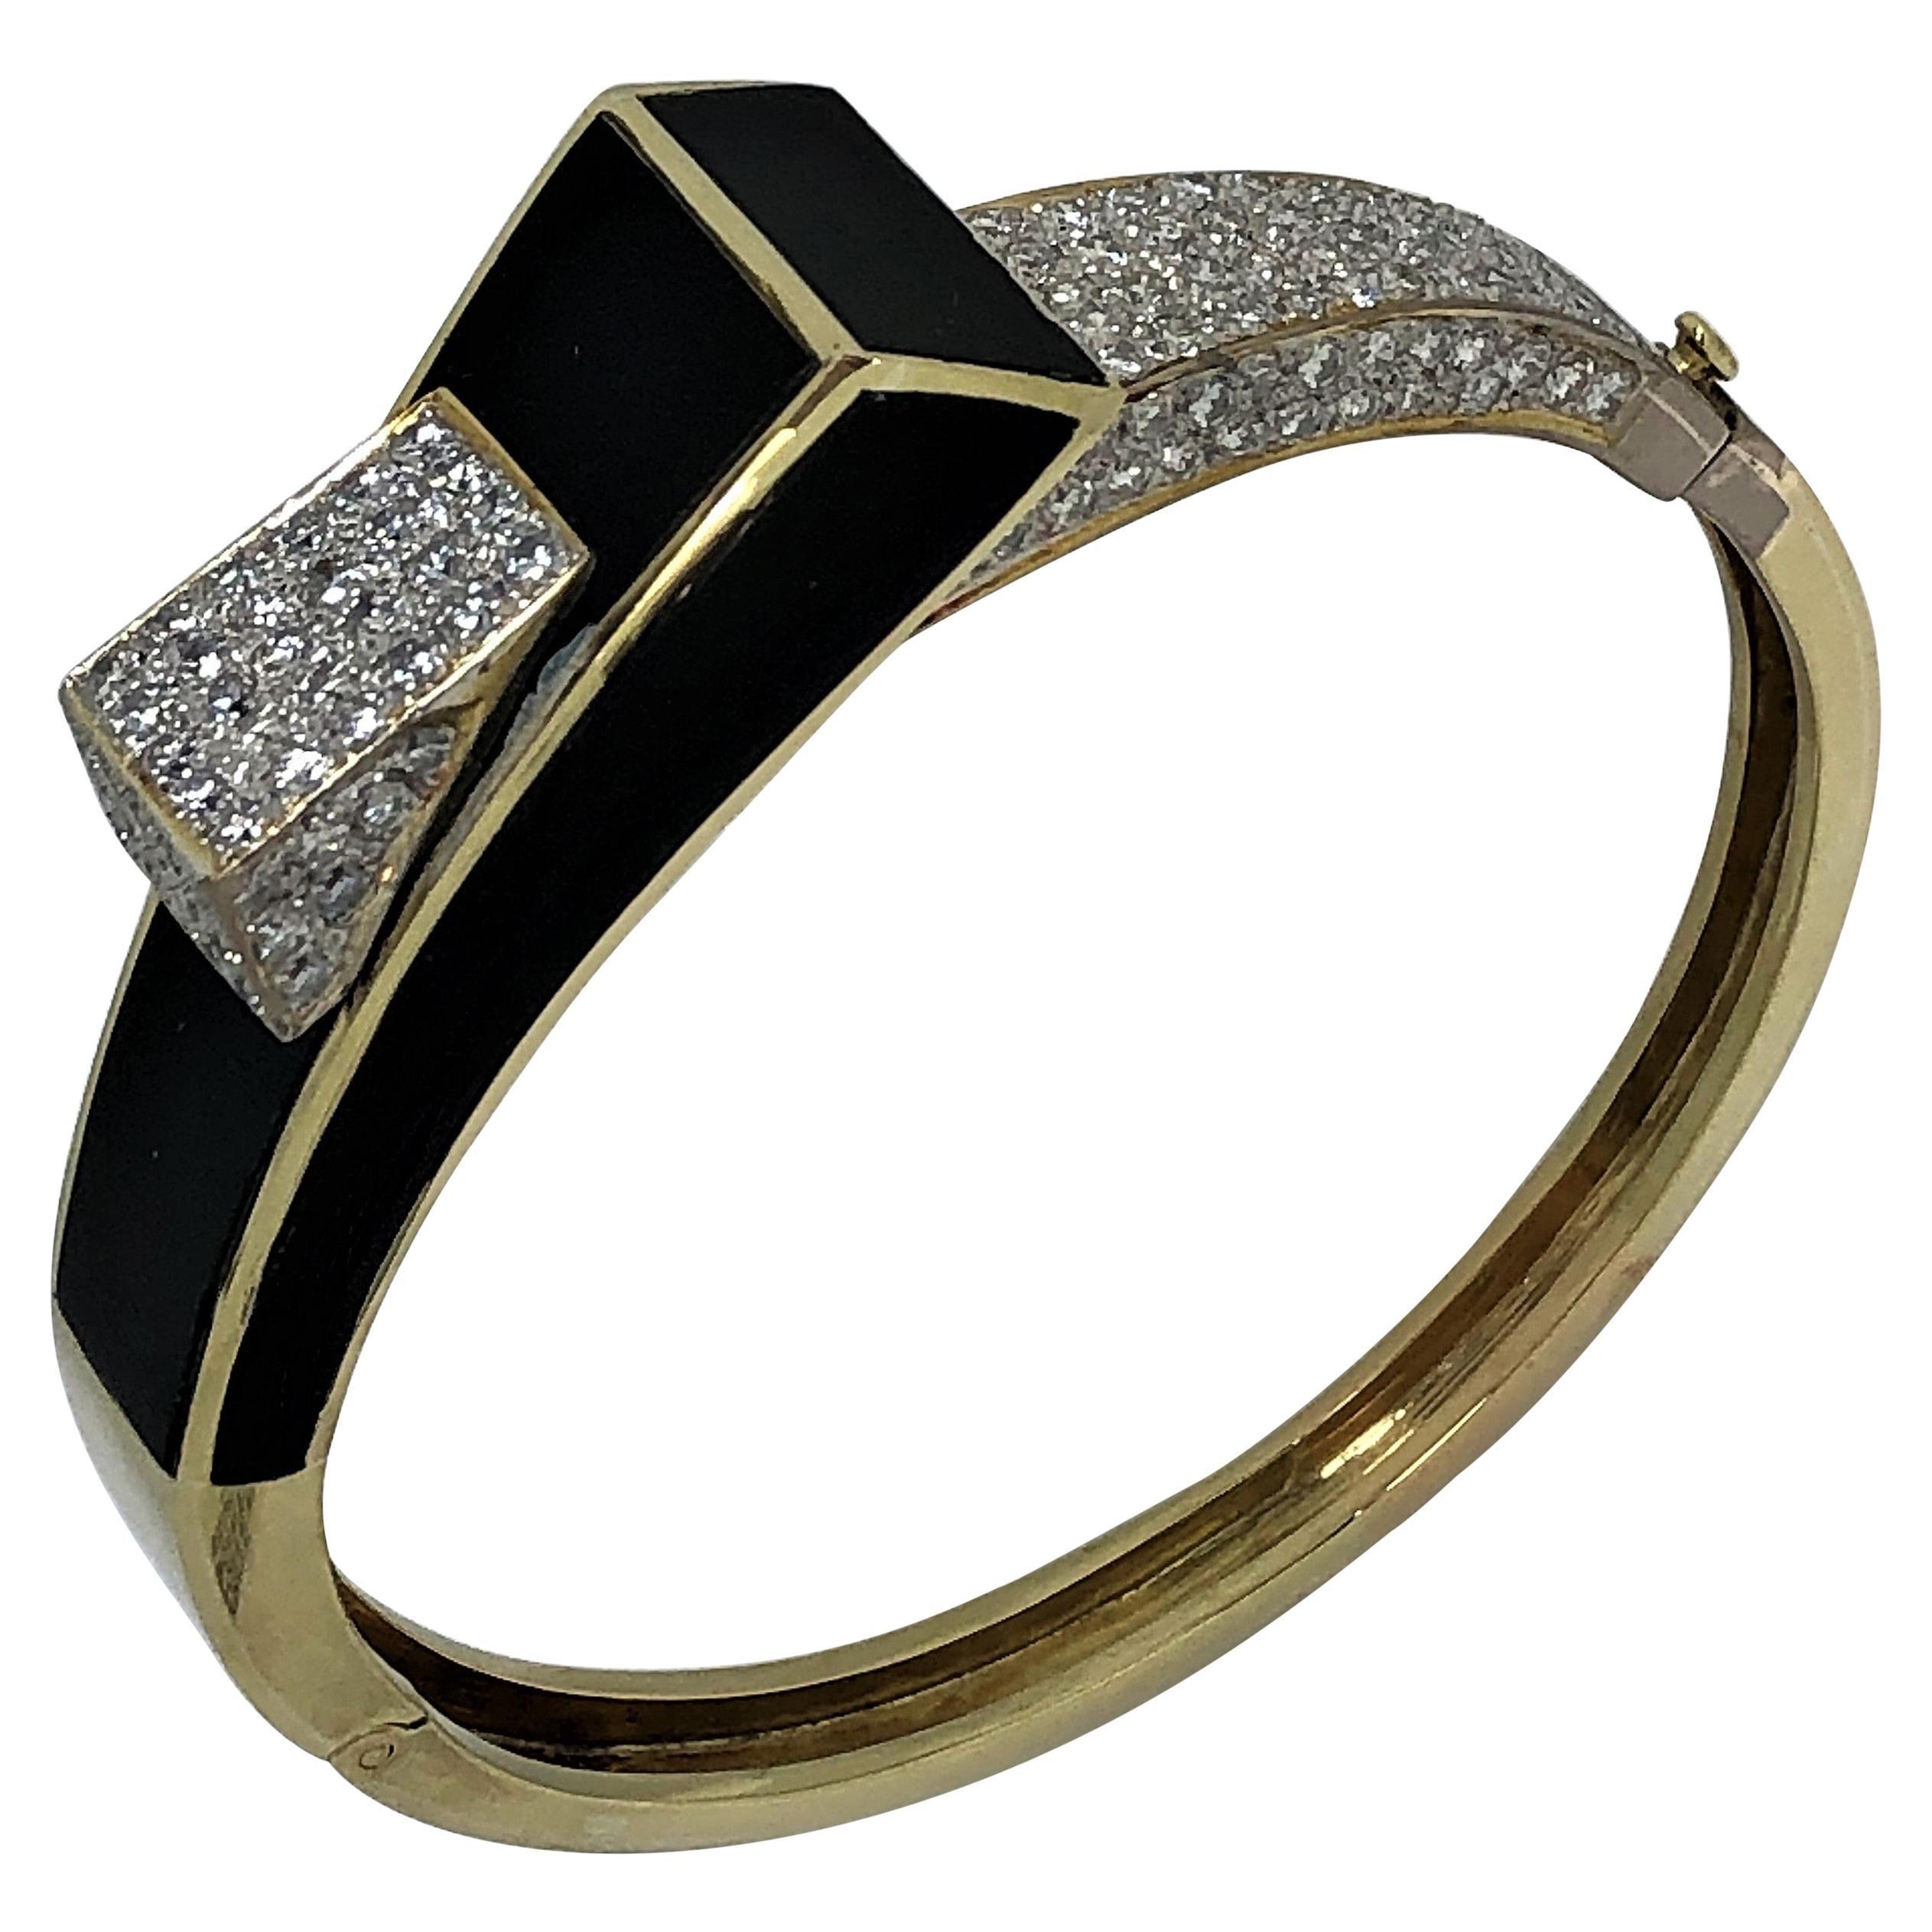 Modernist Onyx Gold and Diamond Bangle/Cuff